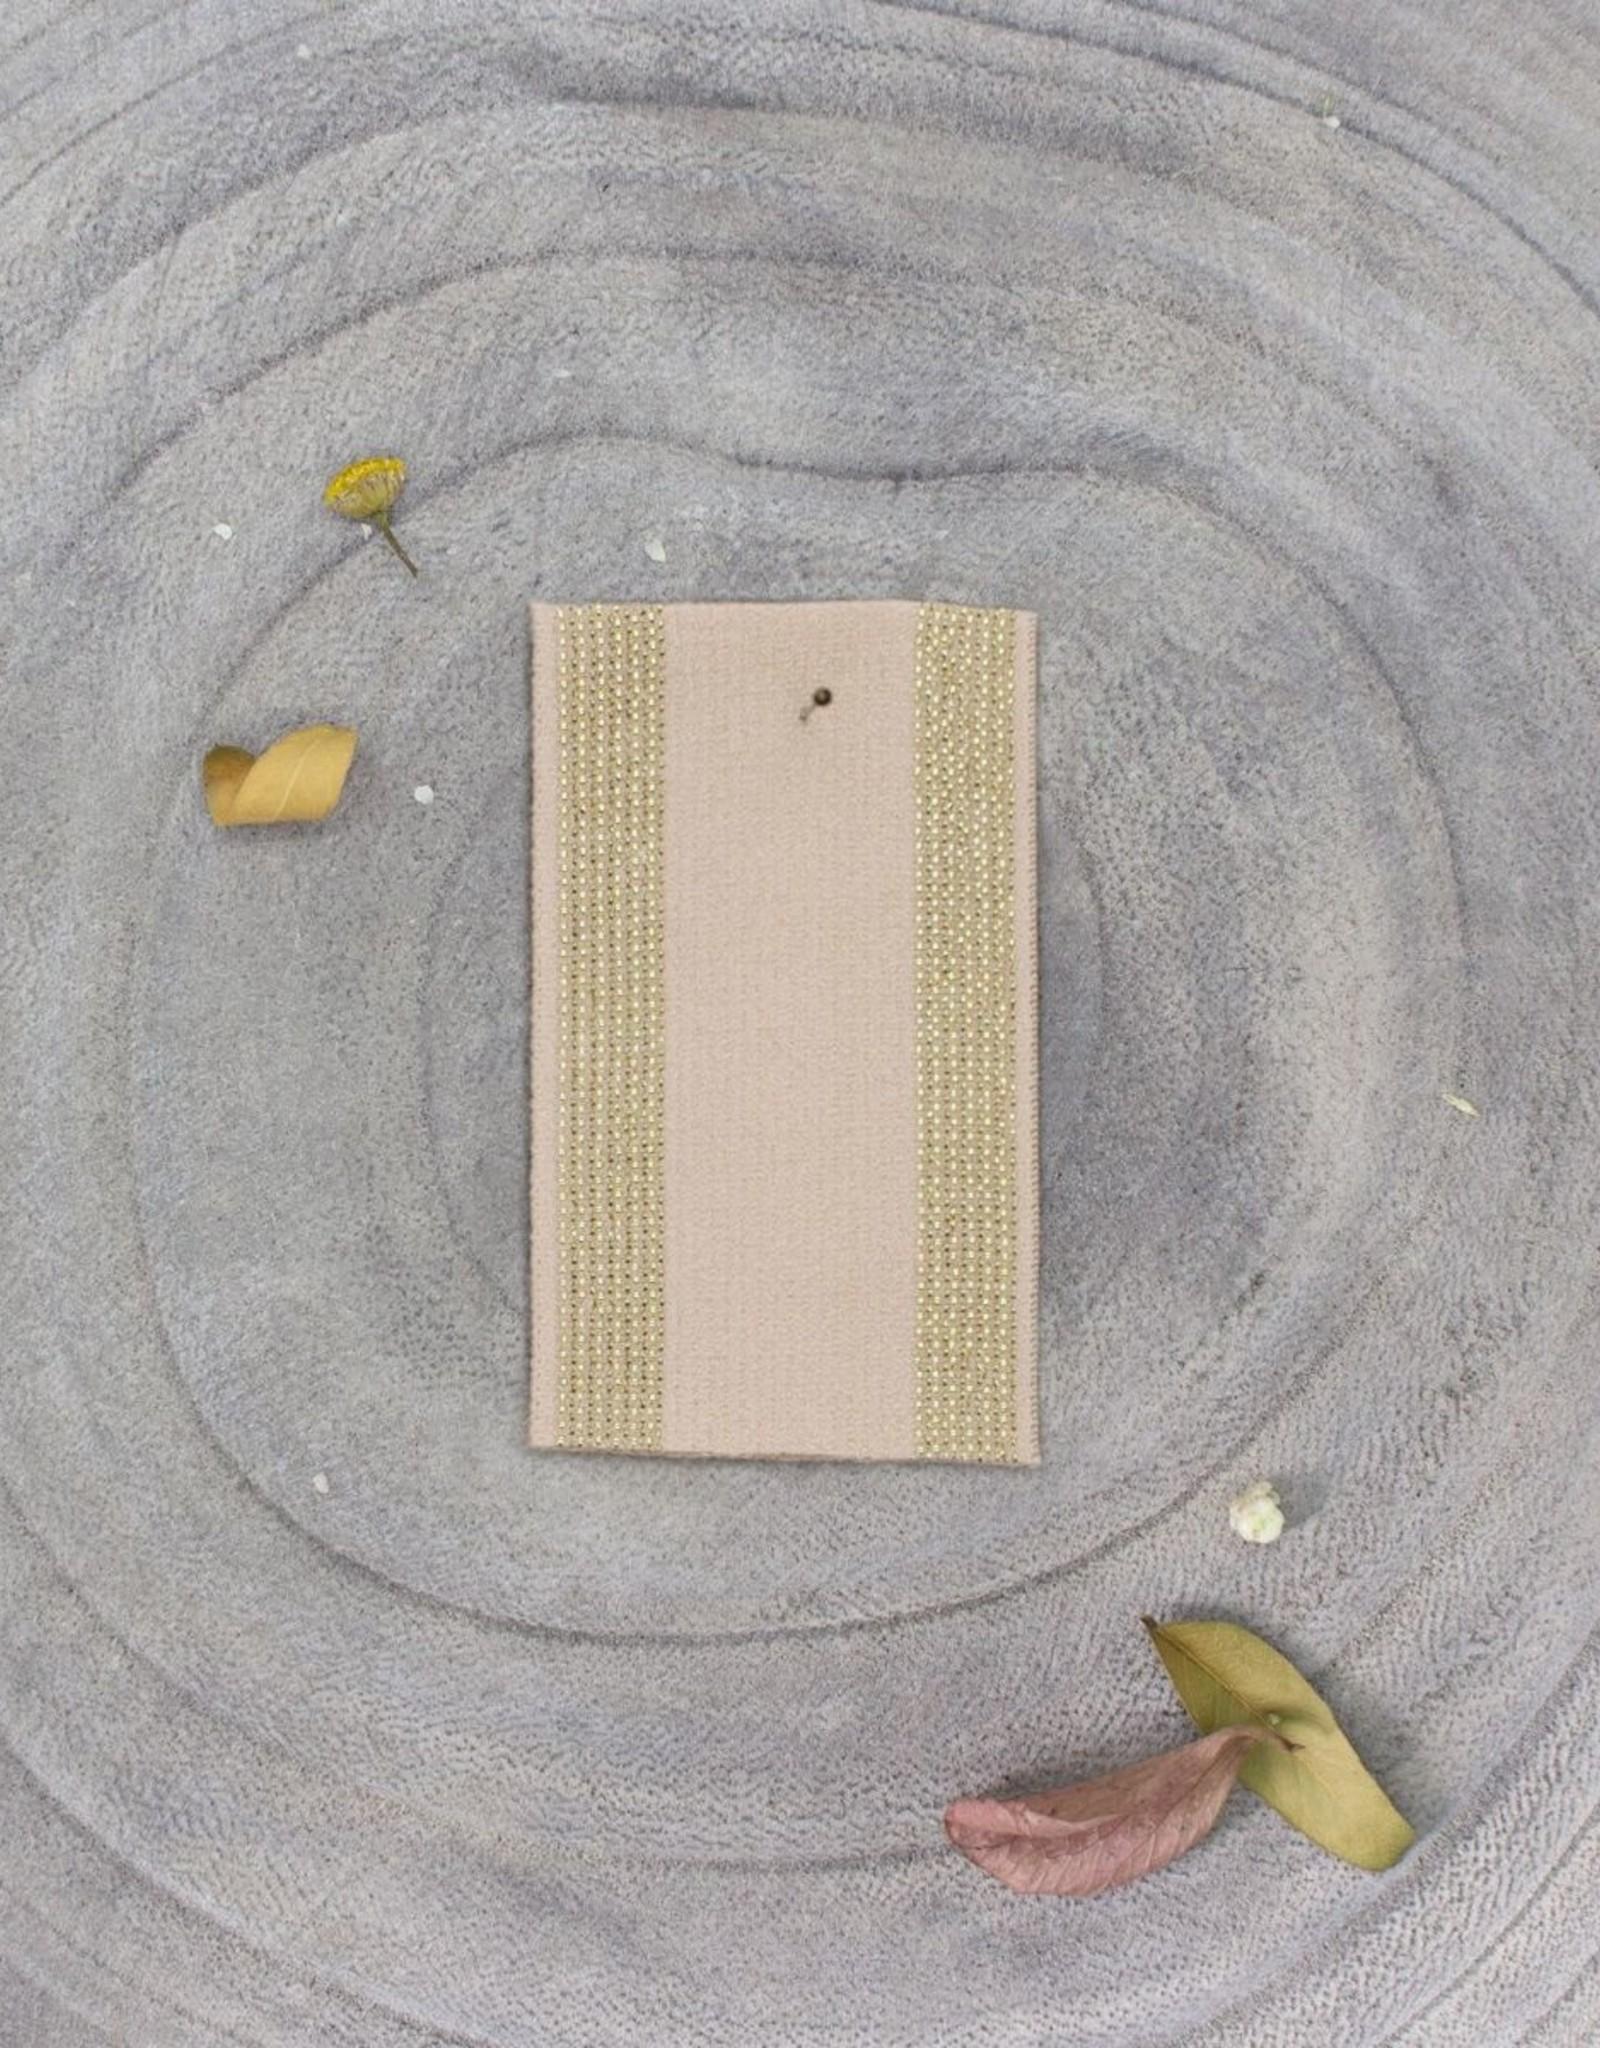 Atelier Brunette Zachte Elastiek  - Stripes - Blush